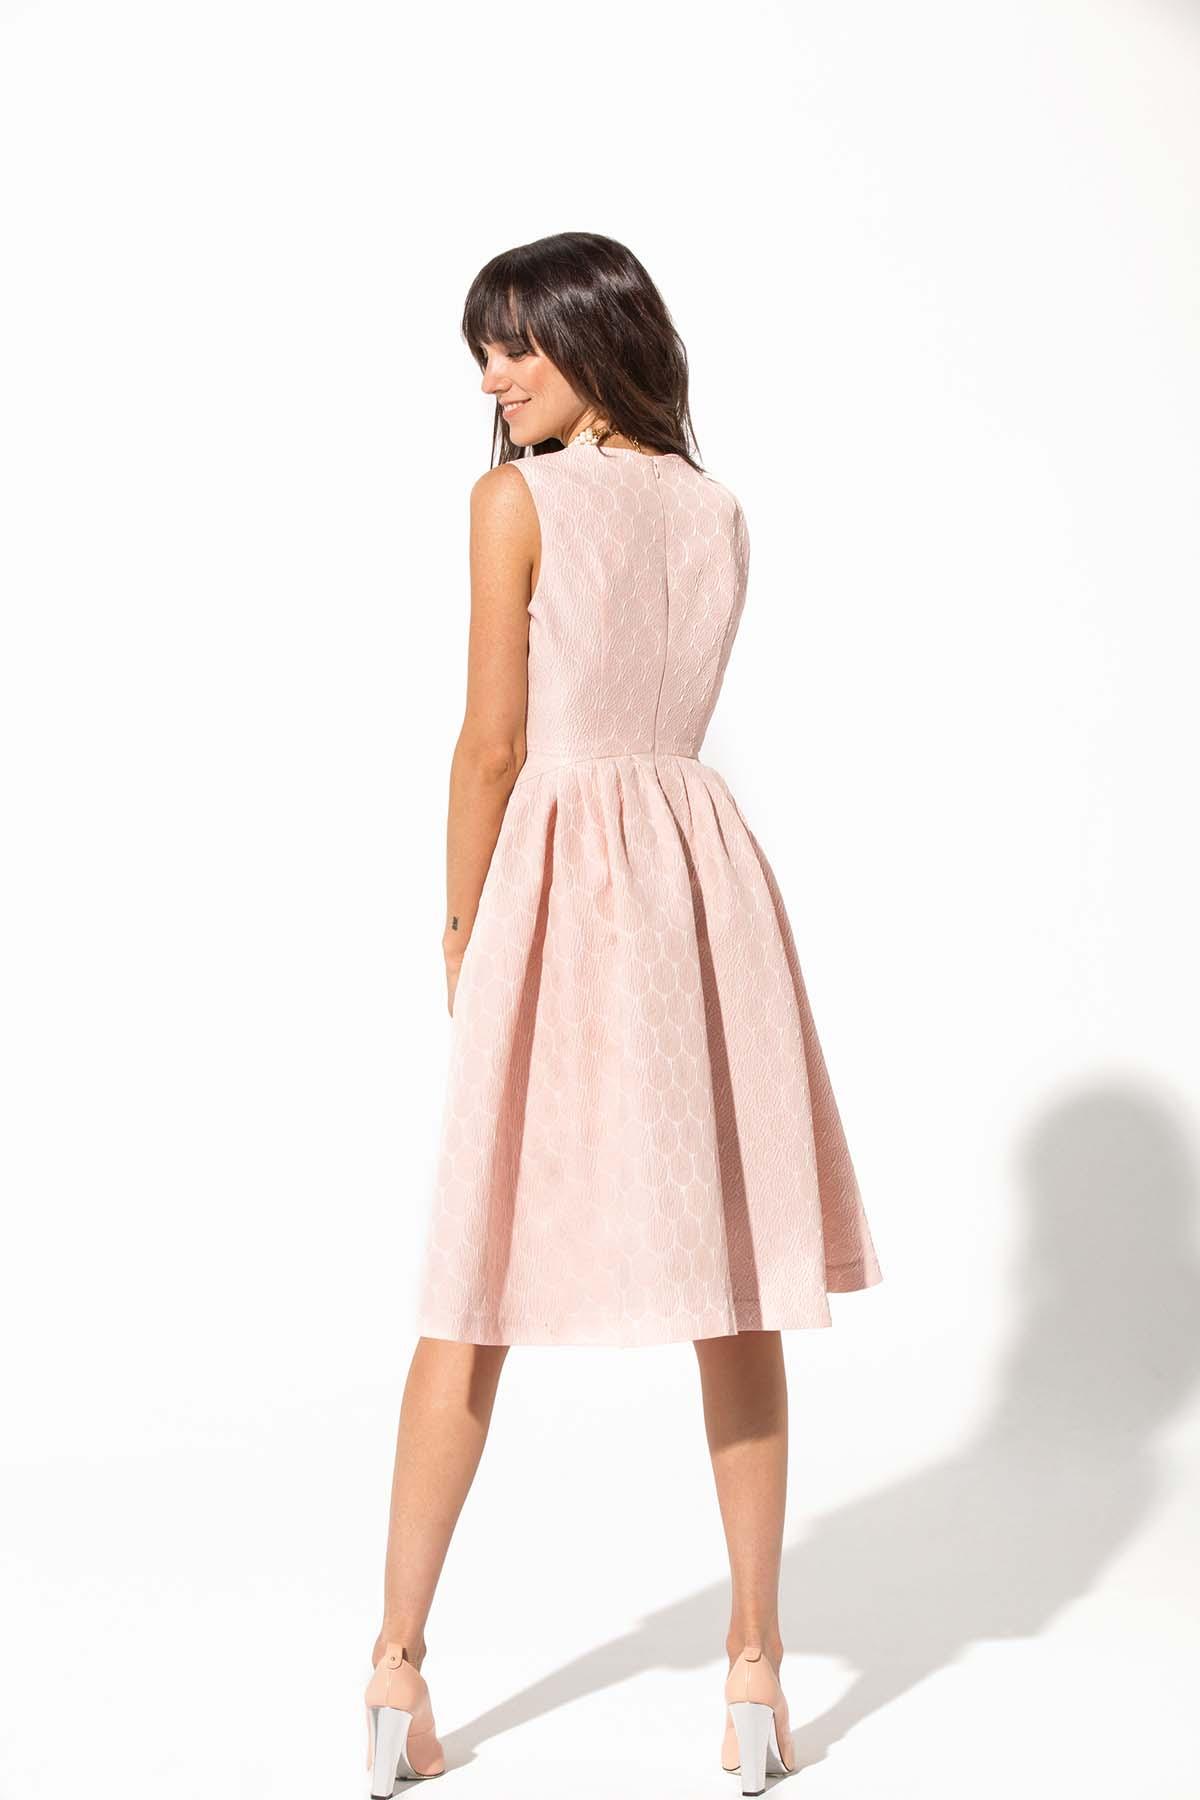 Vestido rosa y plata Teria Yabar - Vestido rosa y plata